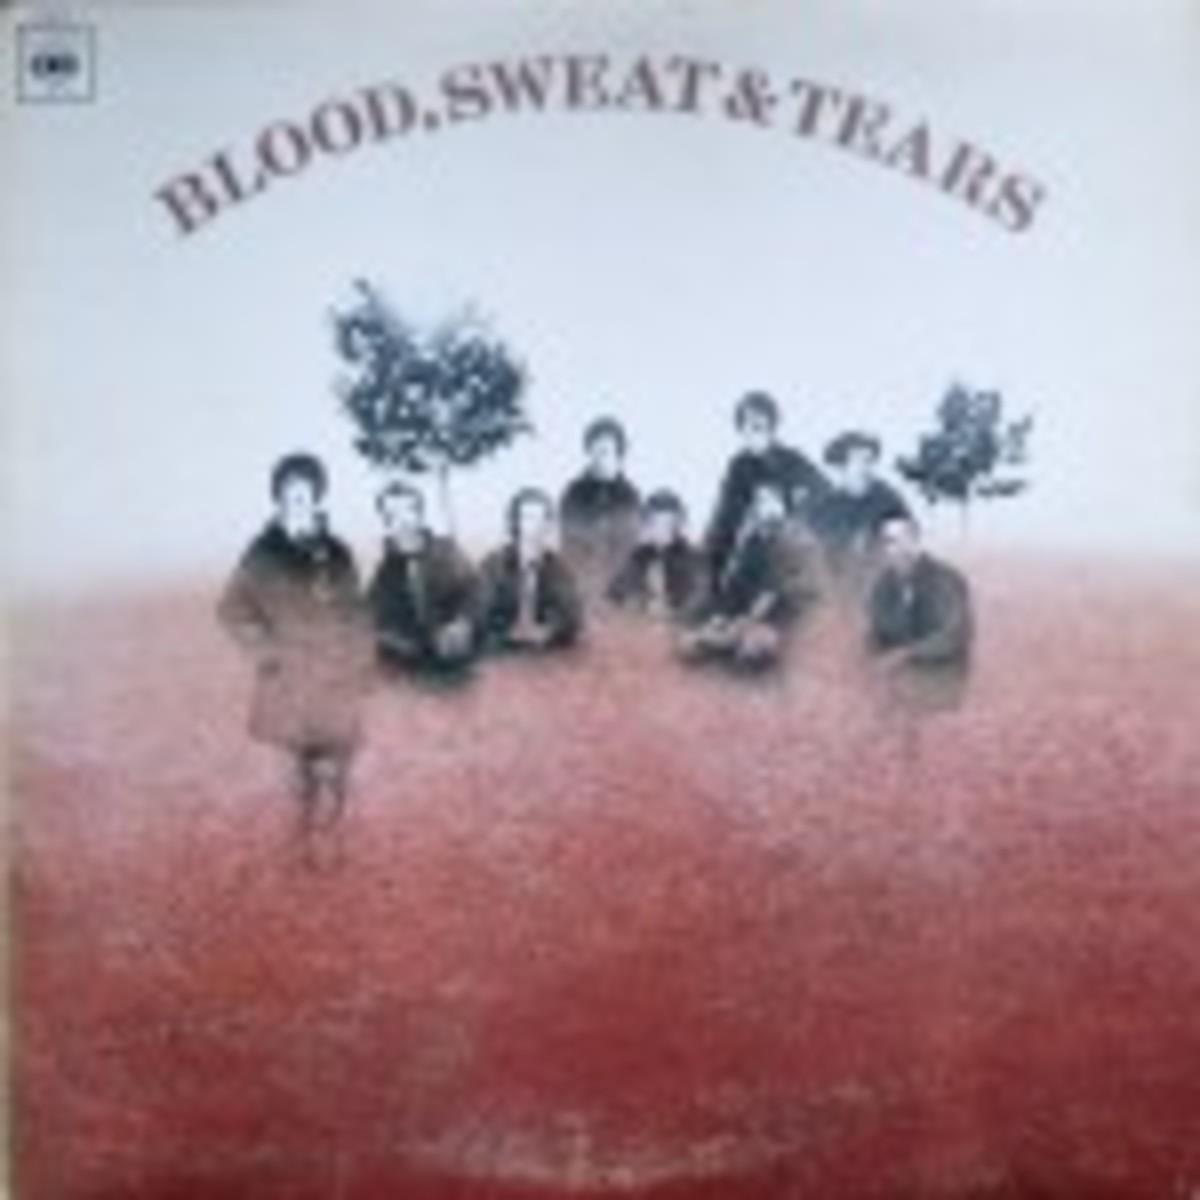 s-blood-sweat-tears-front